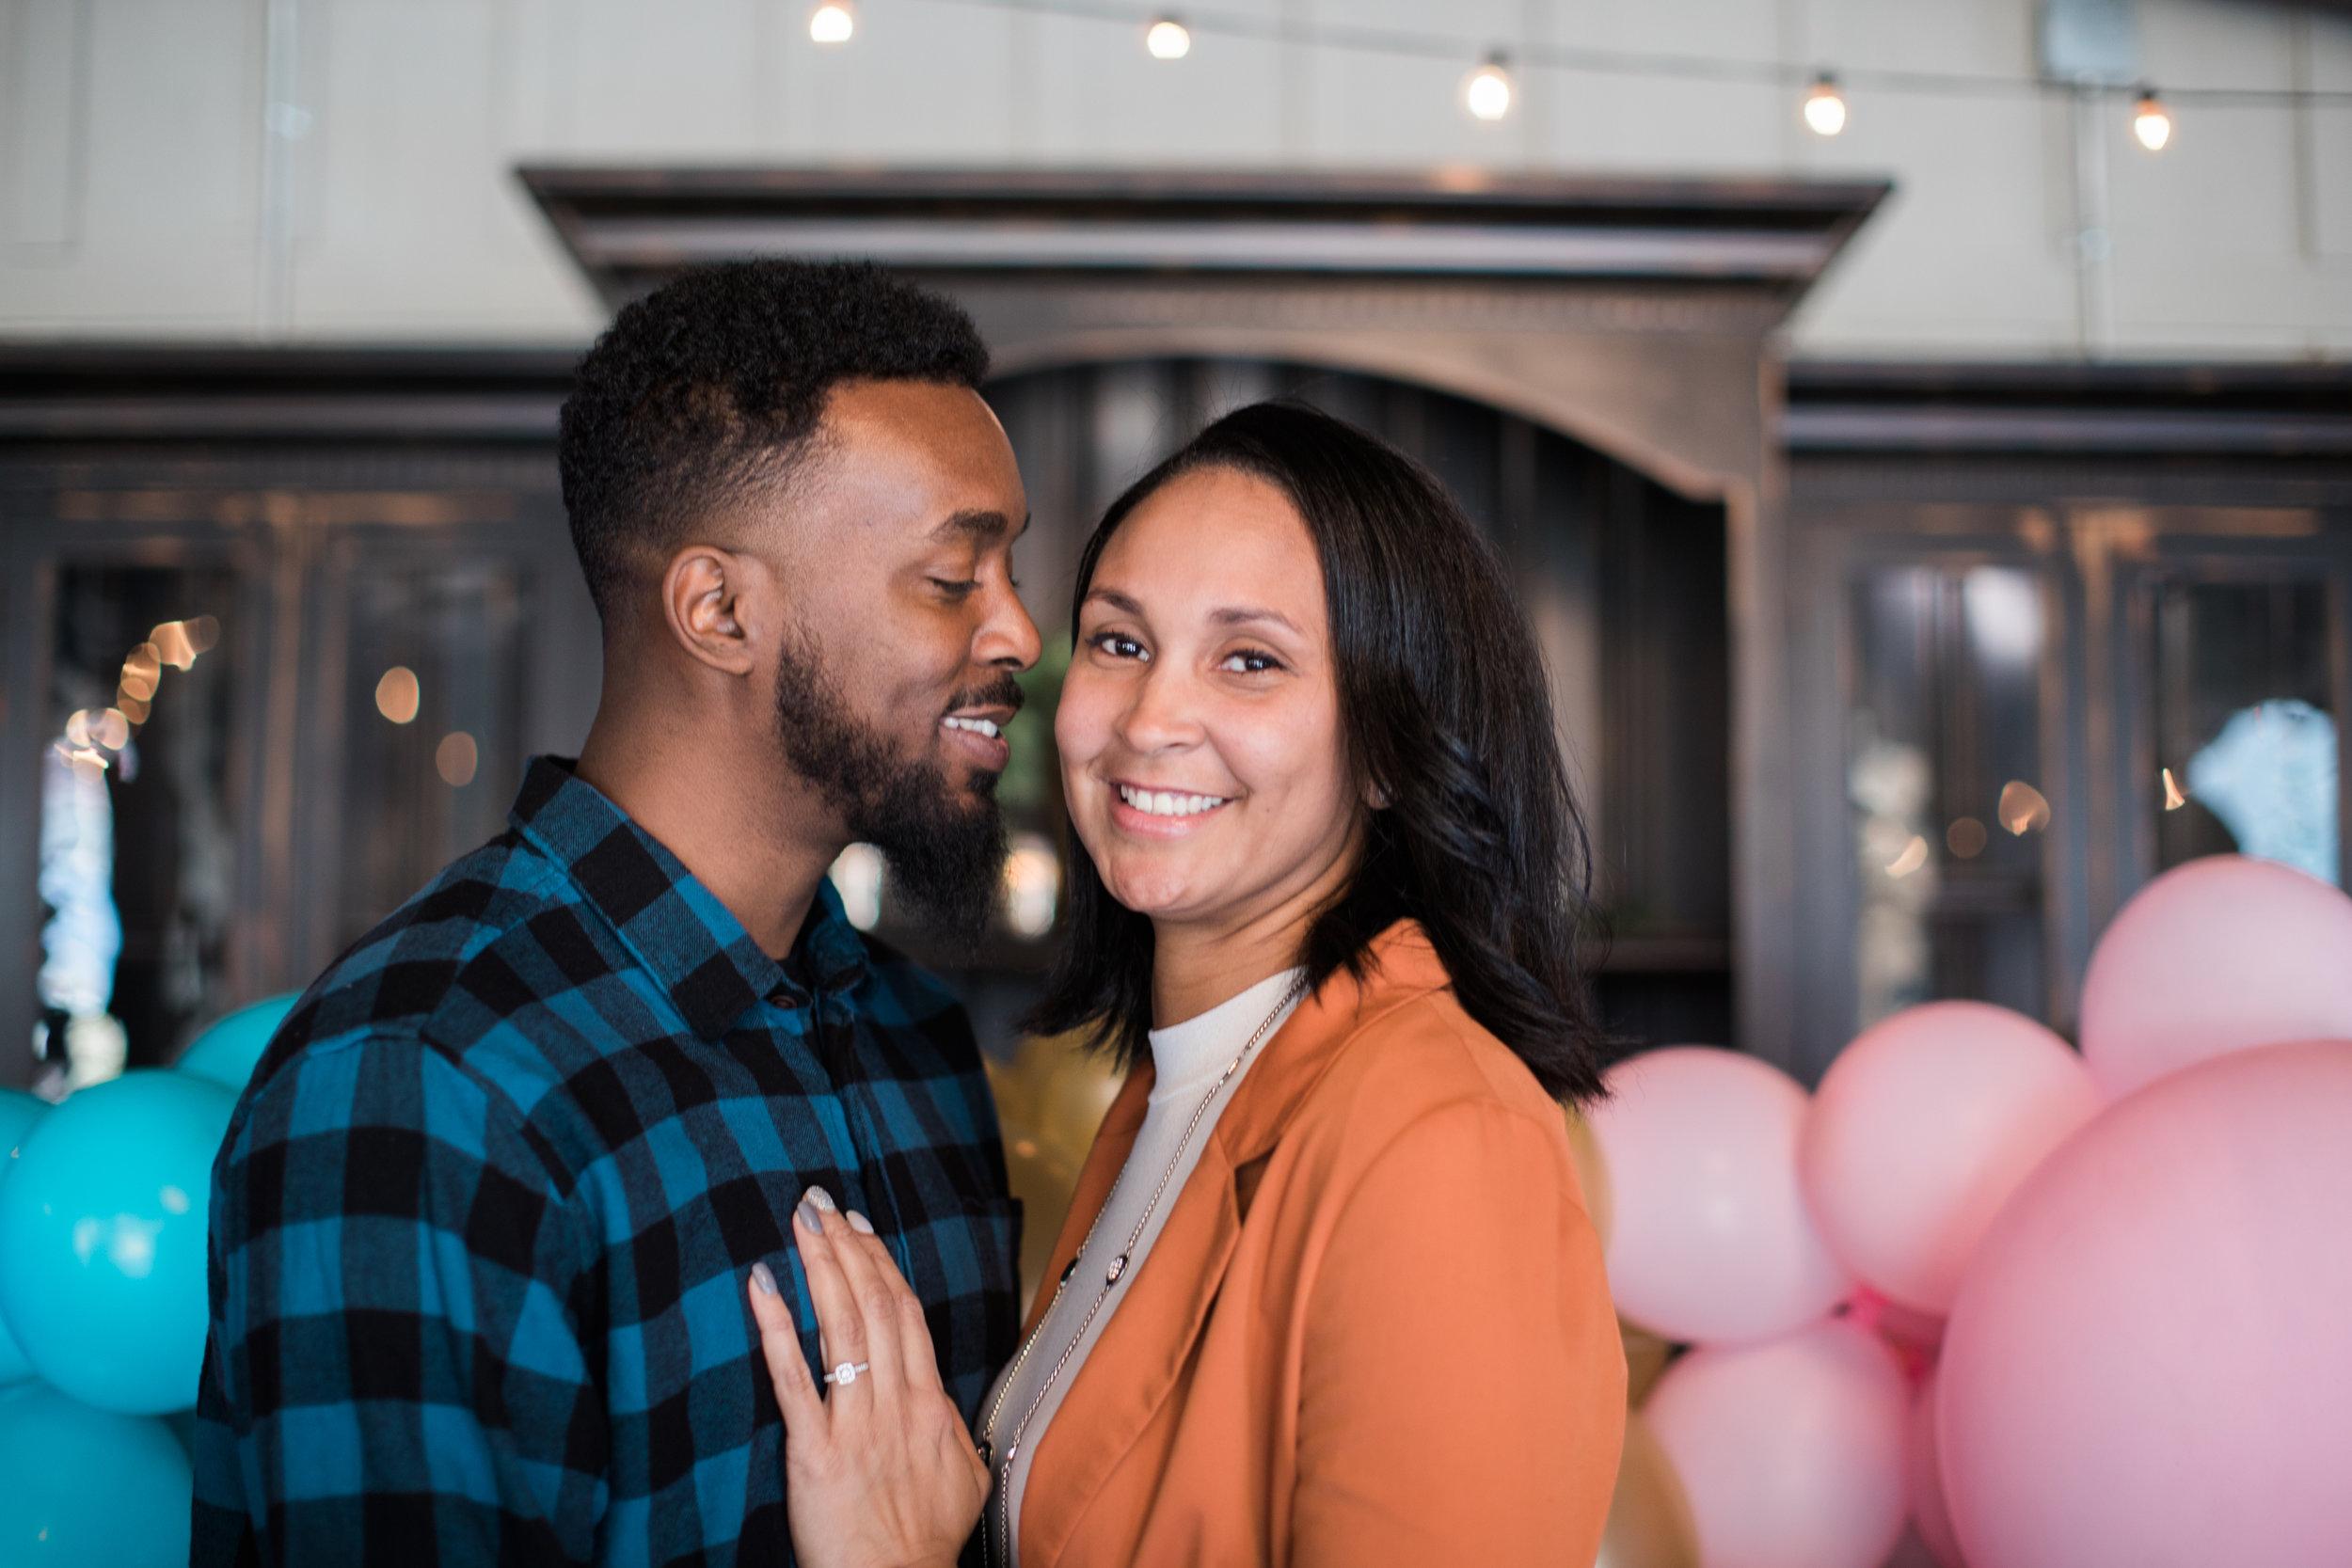 Black engaged couple maryland wedding photographer megapixels media photography main street ballroom ellicott city-4.jpg